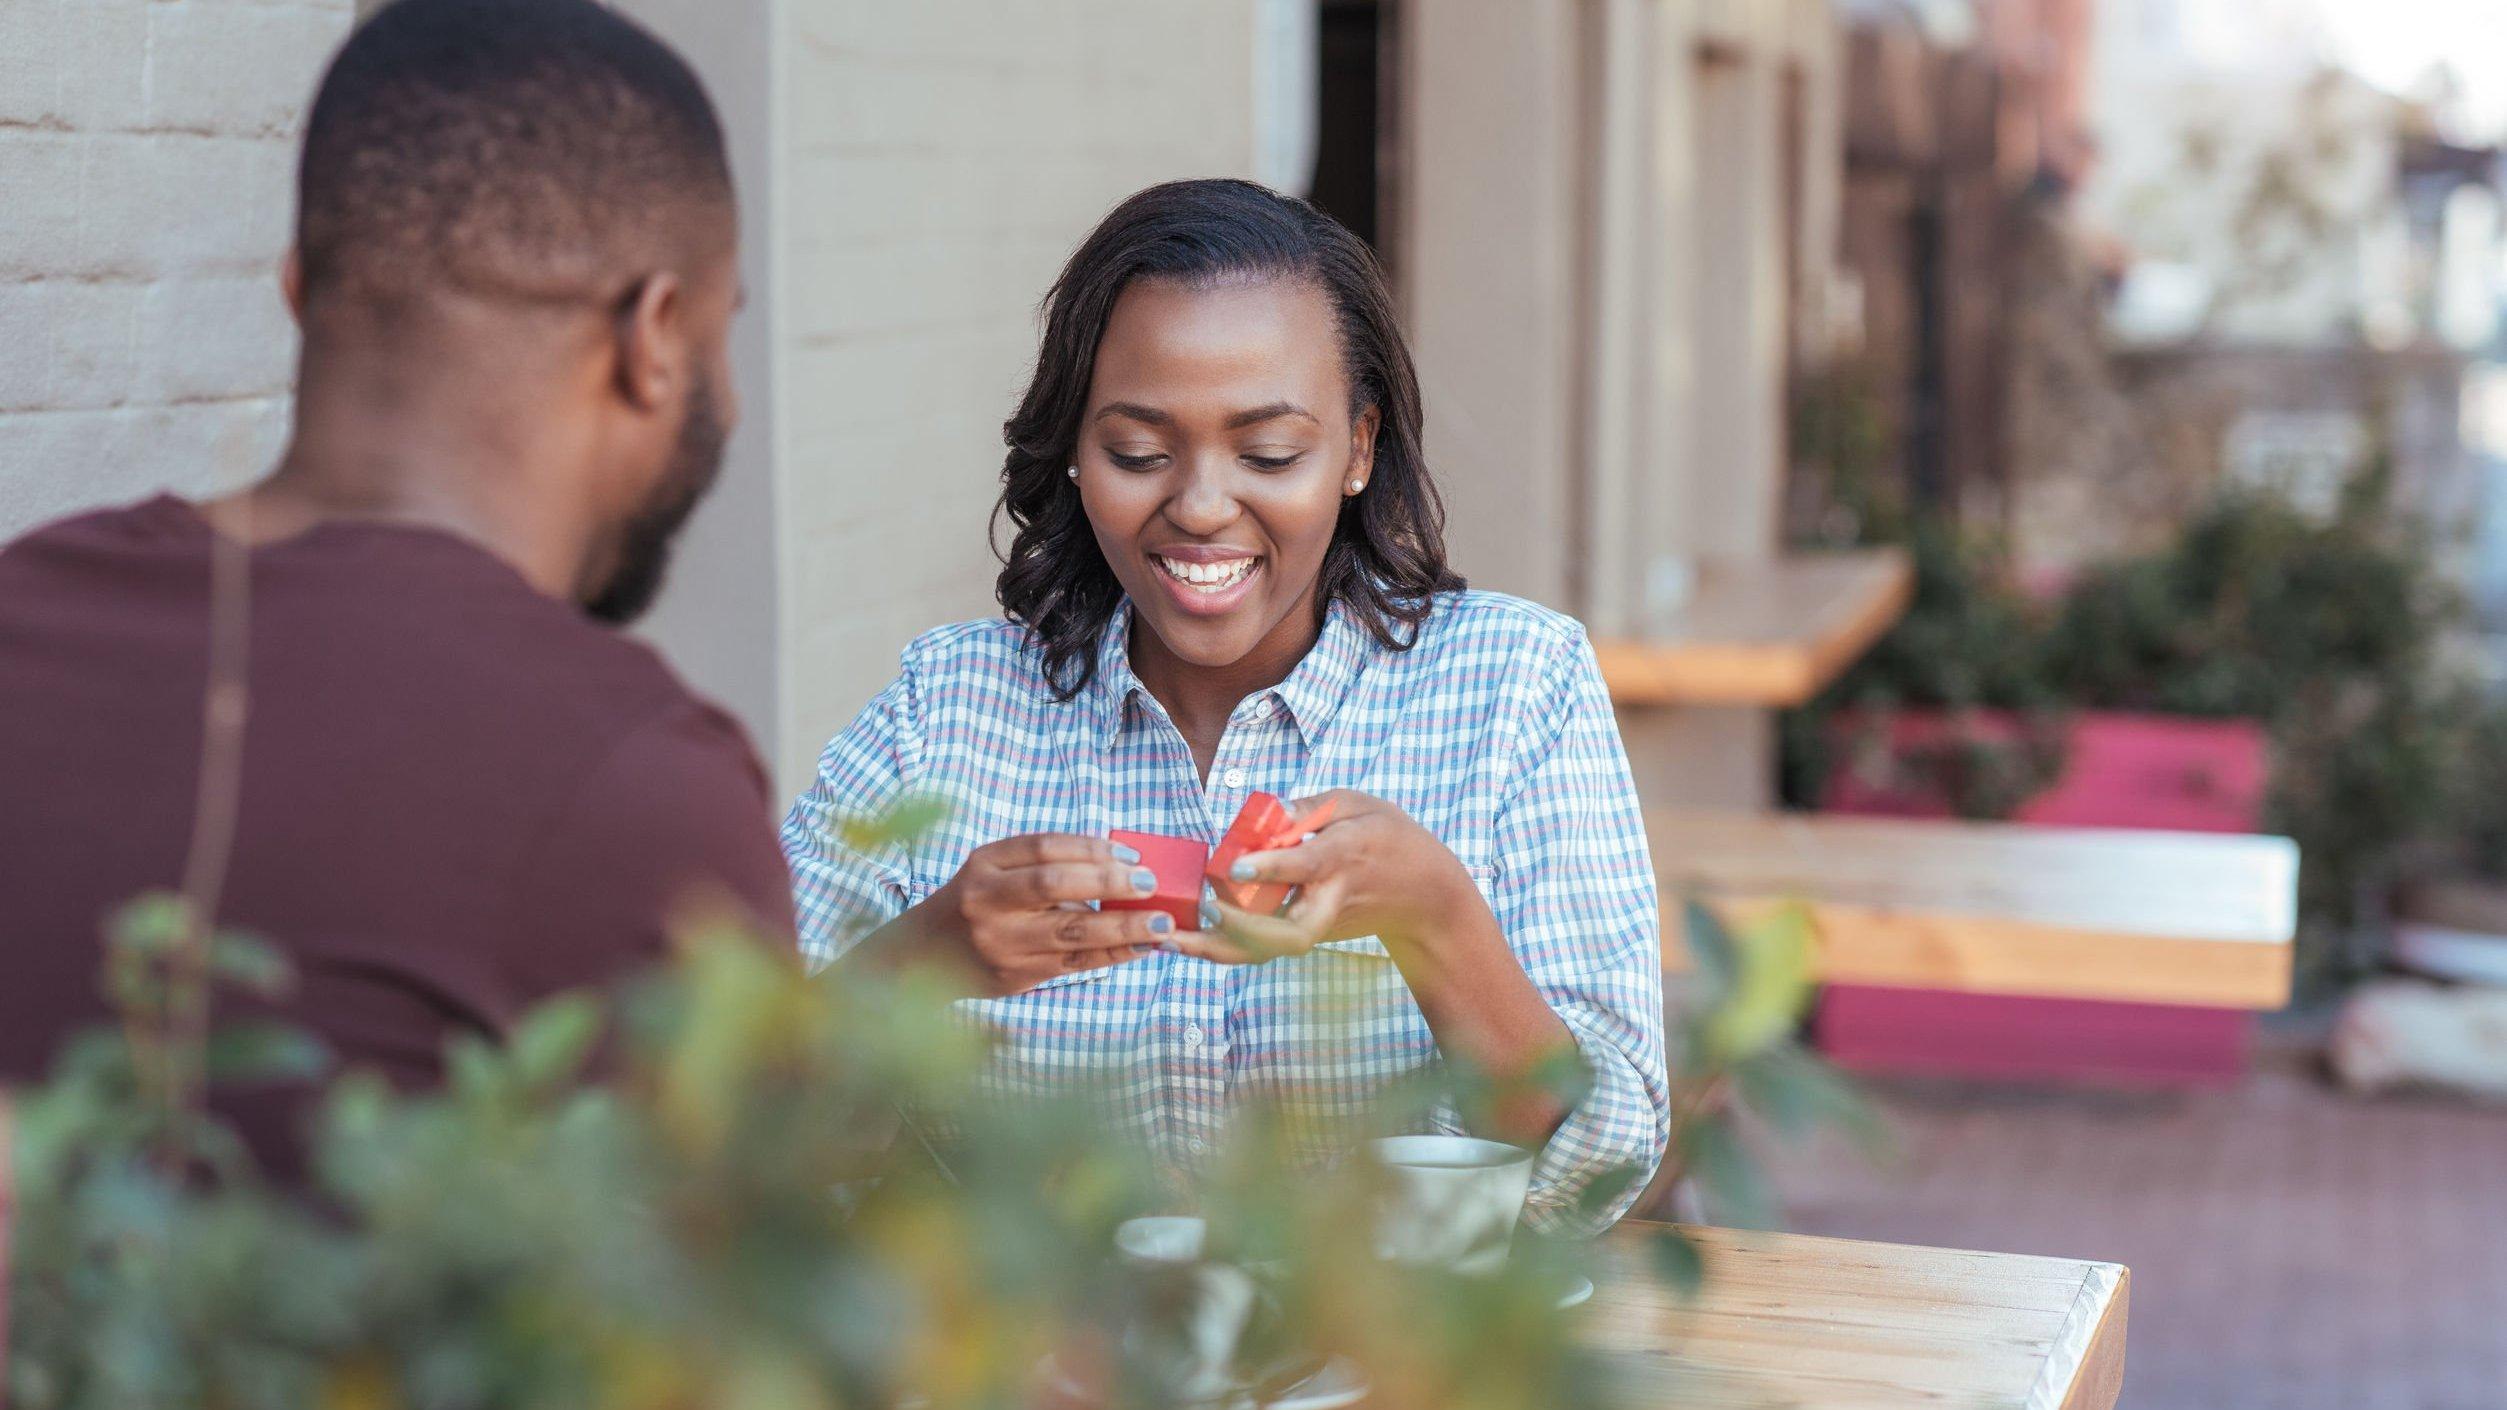 Homem e mulher sentados em um restaurante, enquanto ela abre uma caixa de presente e sorri.